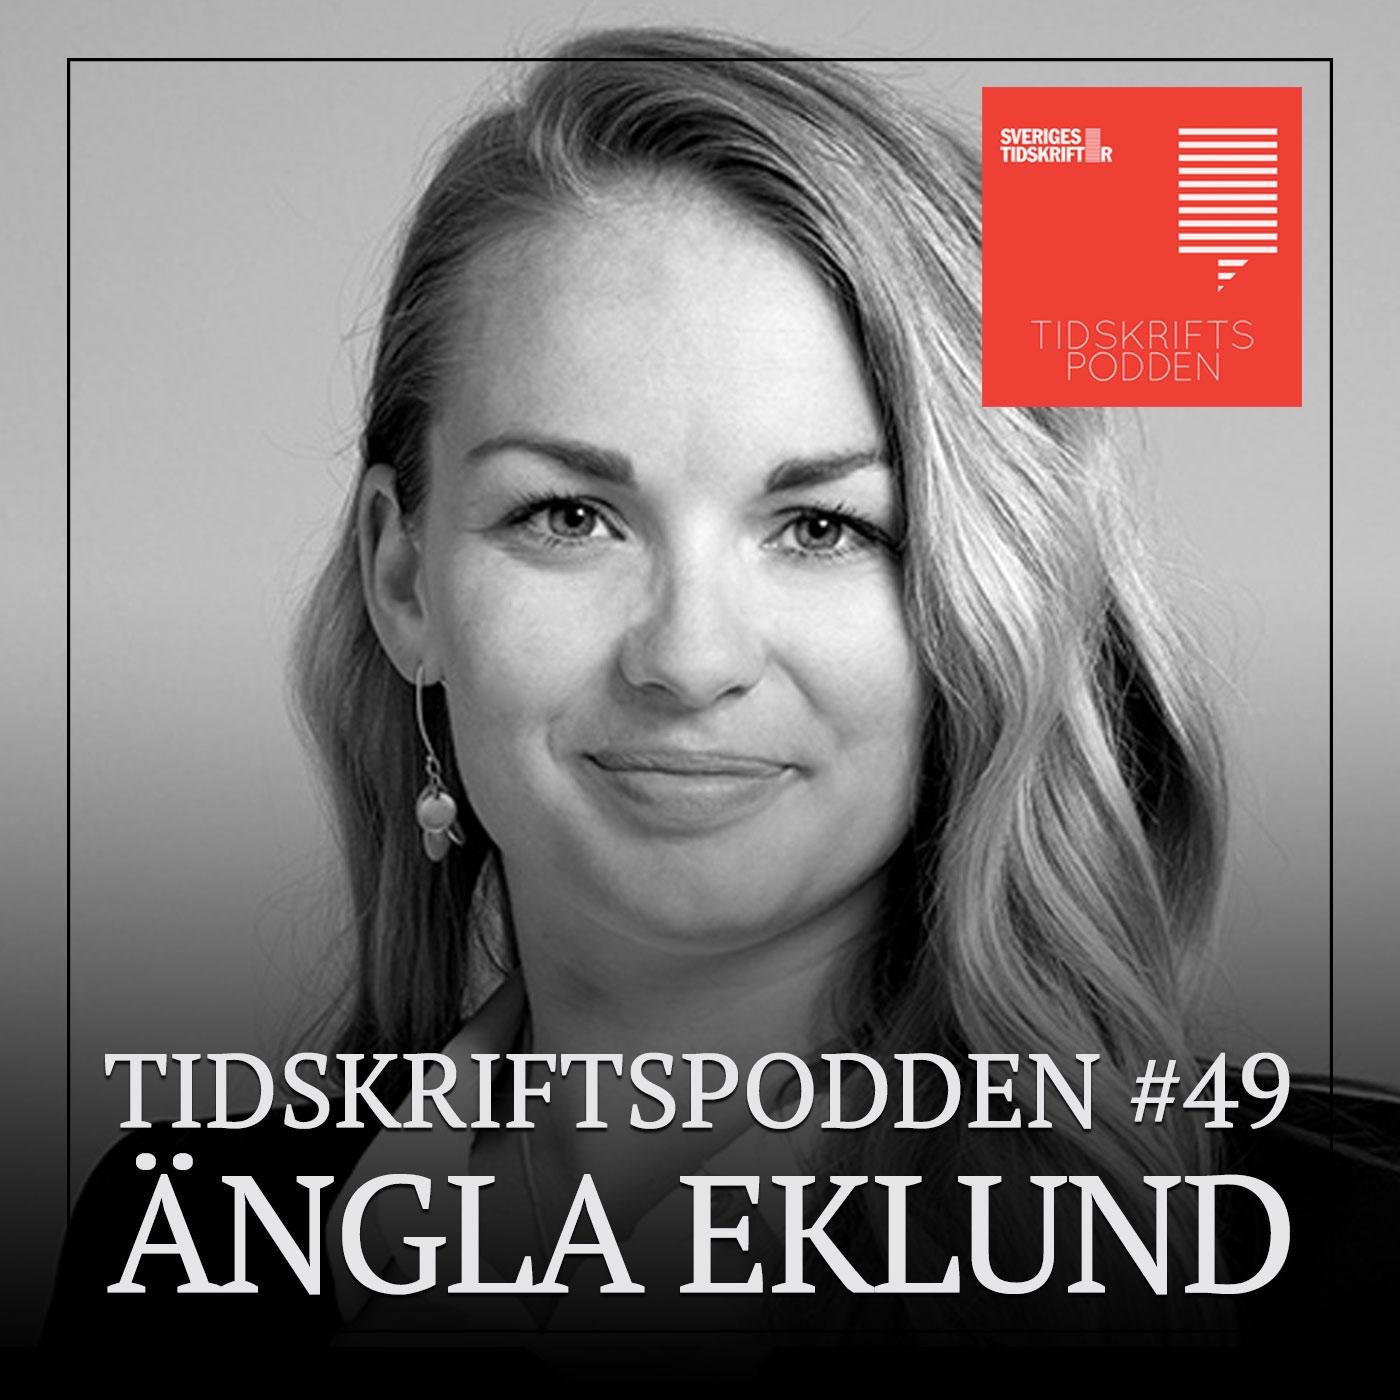 Ängla Eklund, Tidskriftspodden avsnitt 49